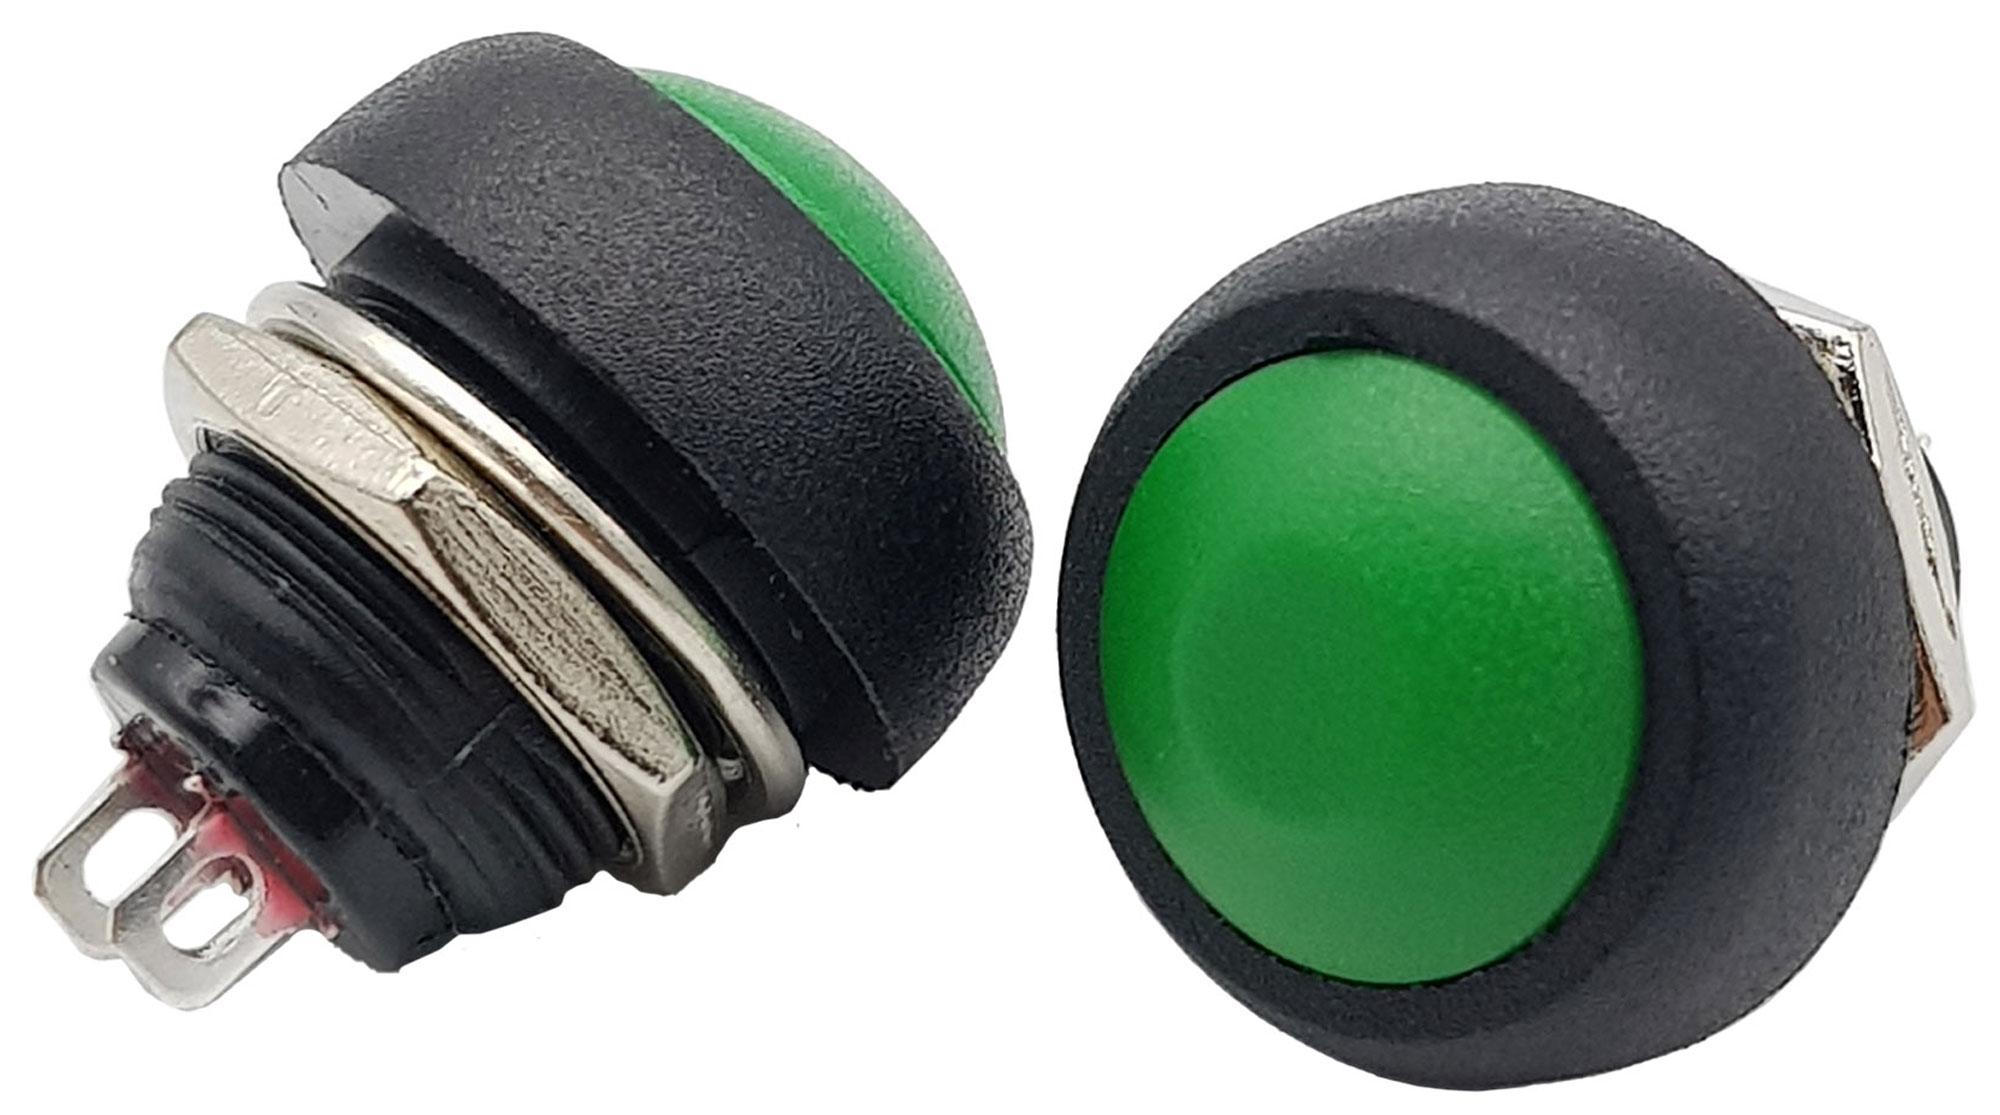 Nút nhấn nhả PBS-33B 12mm xanh lá